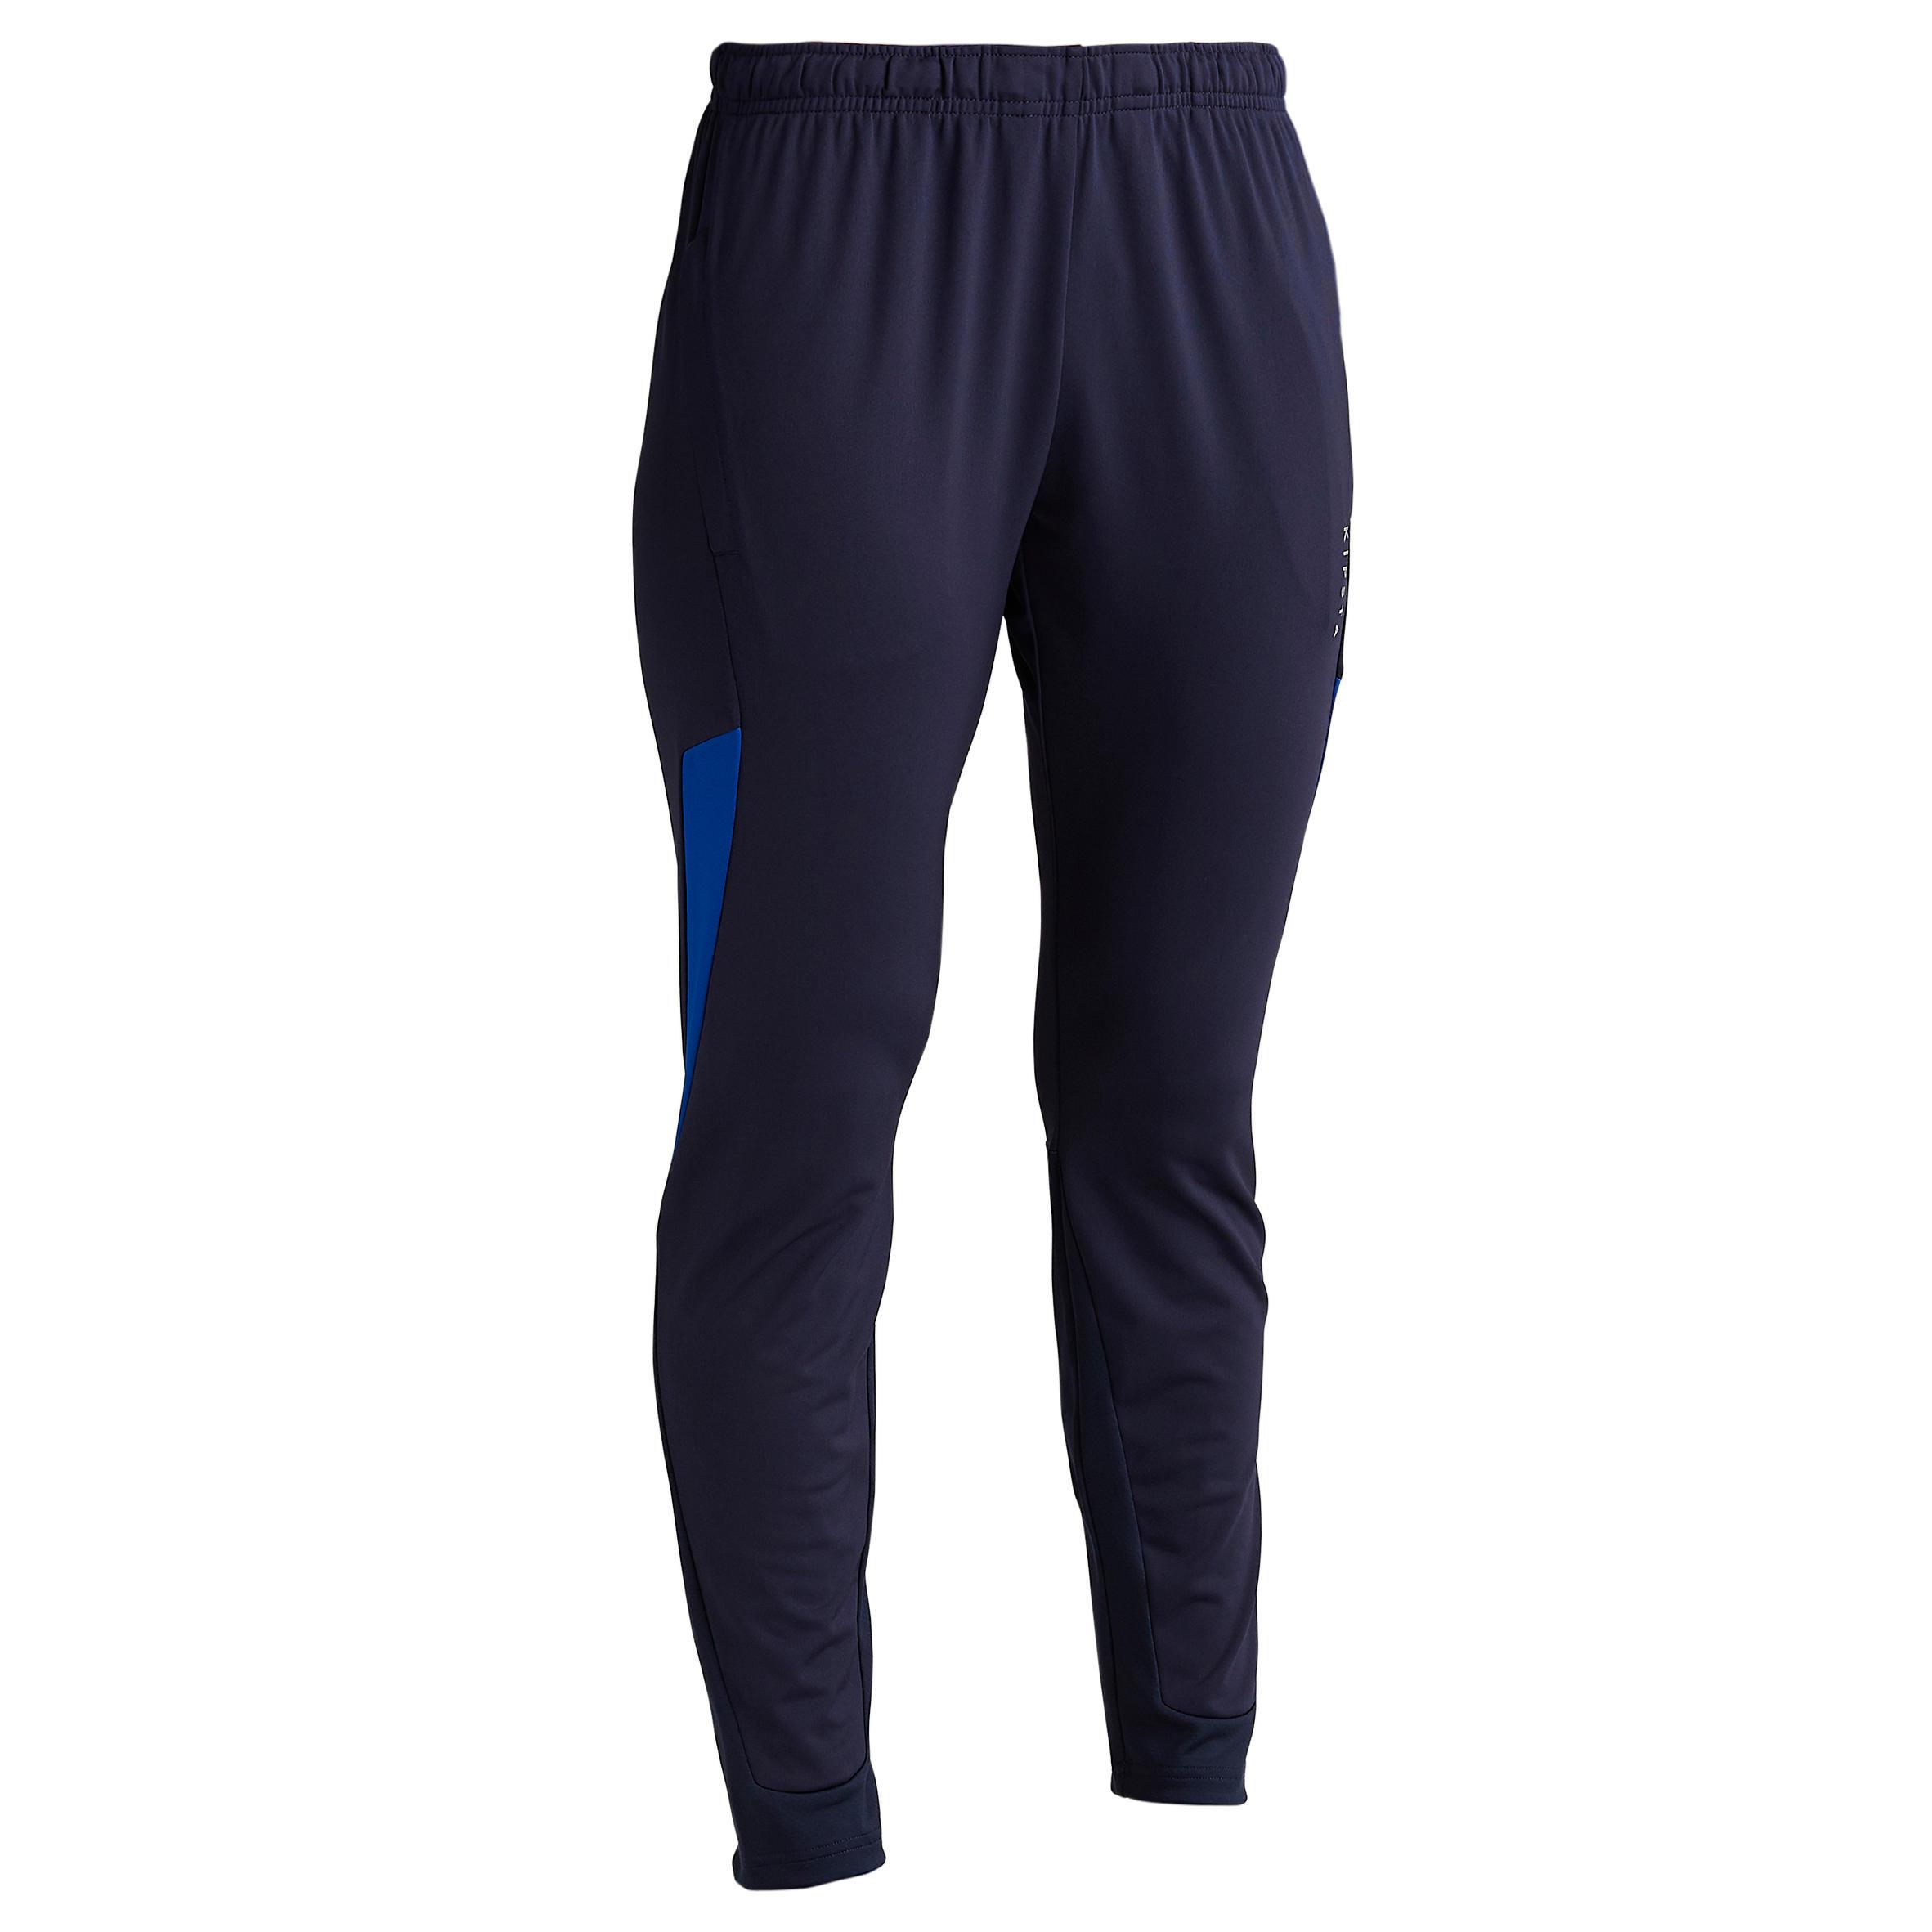 Kipsta Voetbal trainingsbroek dames T500 blauw